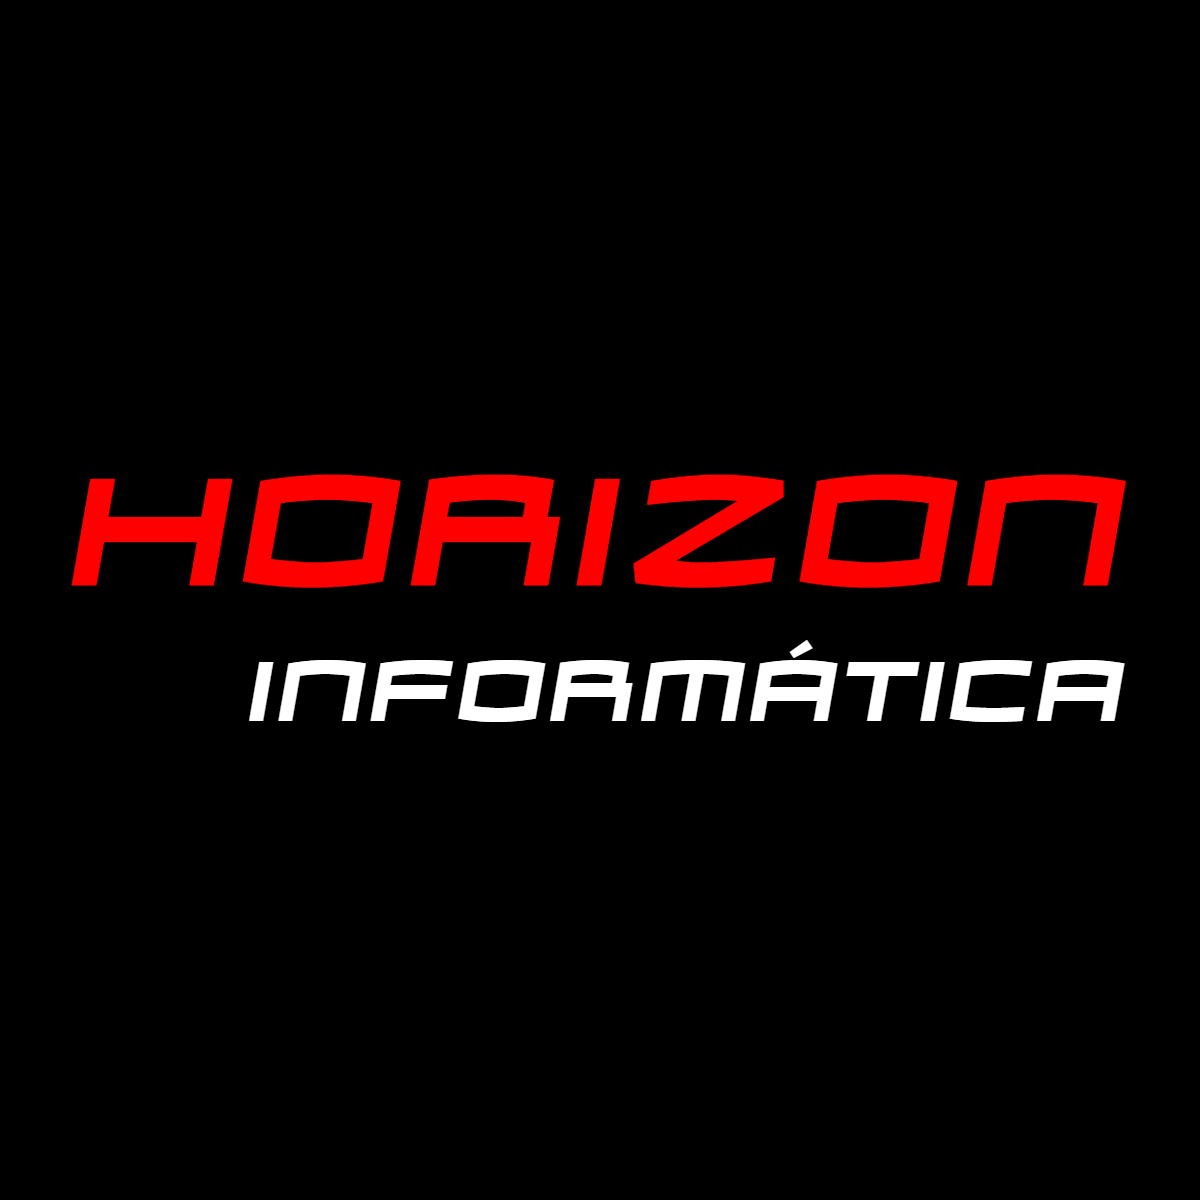 Horizon Informática